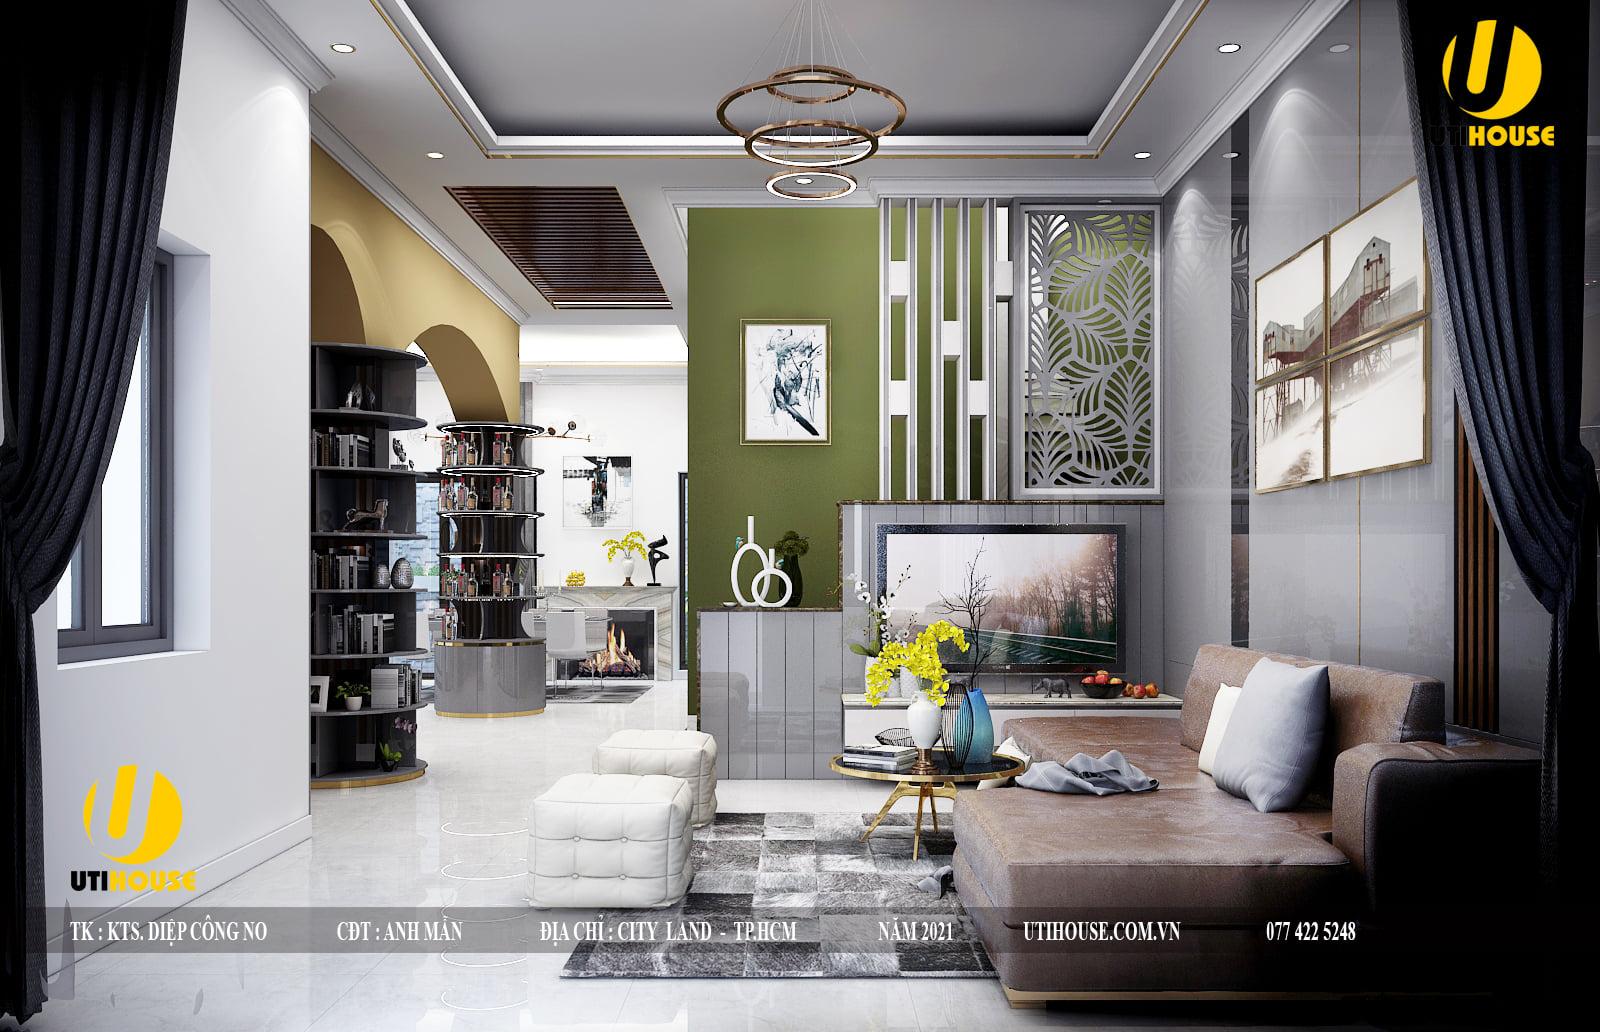 Mẫu thiết kế nội thất chung cư 62m2 tinh tế - sang trọng